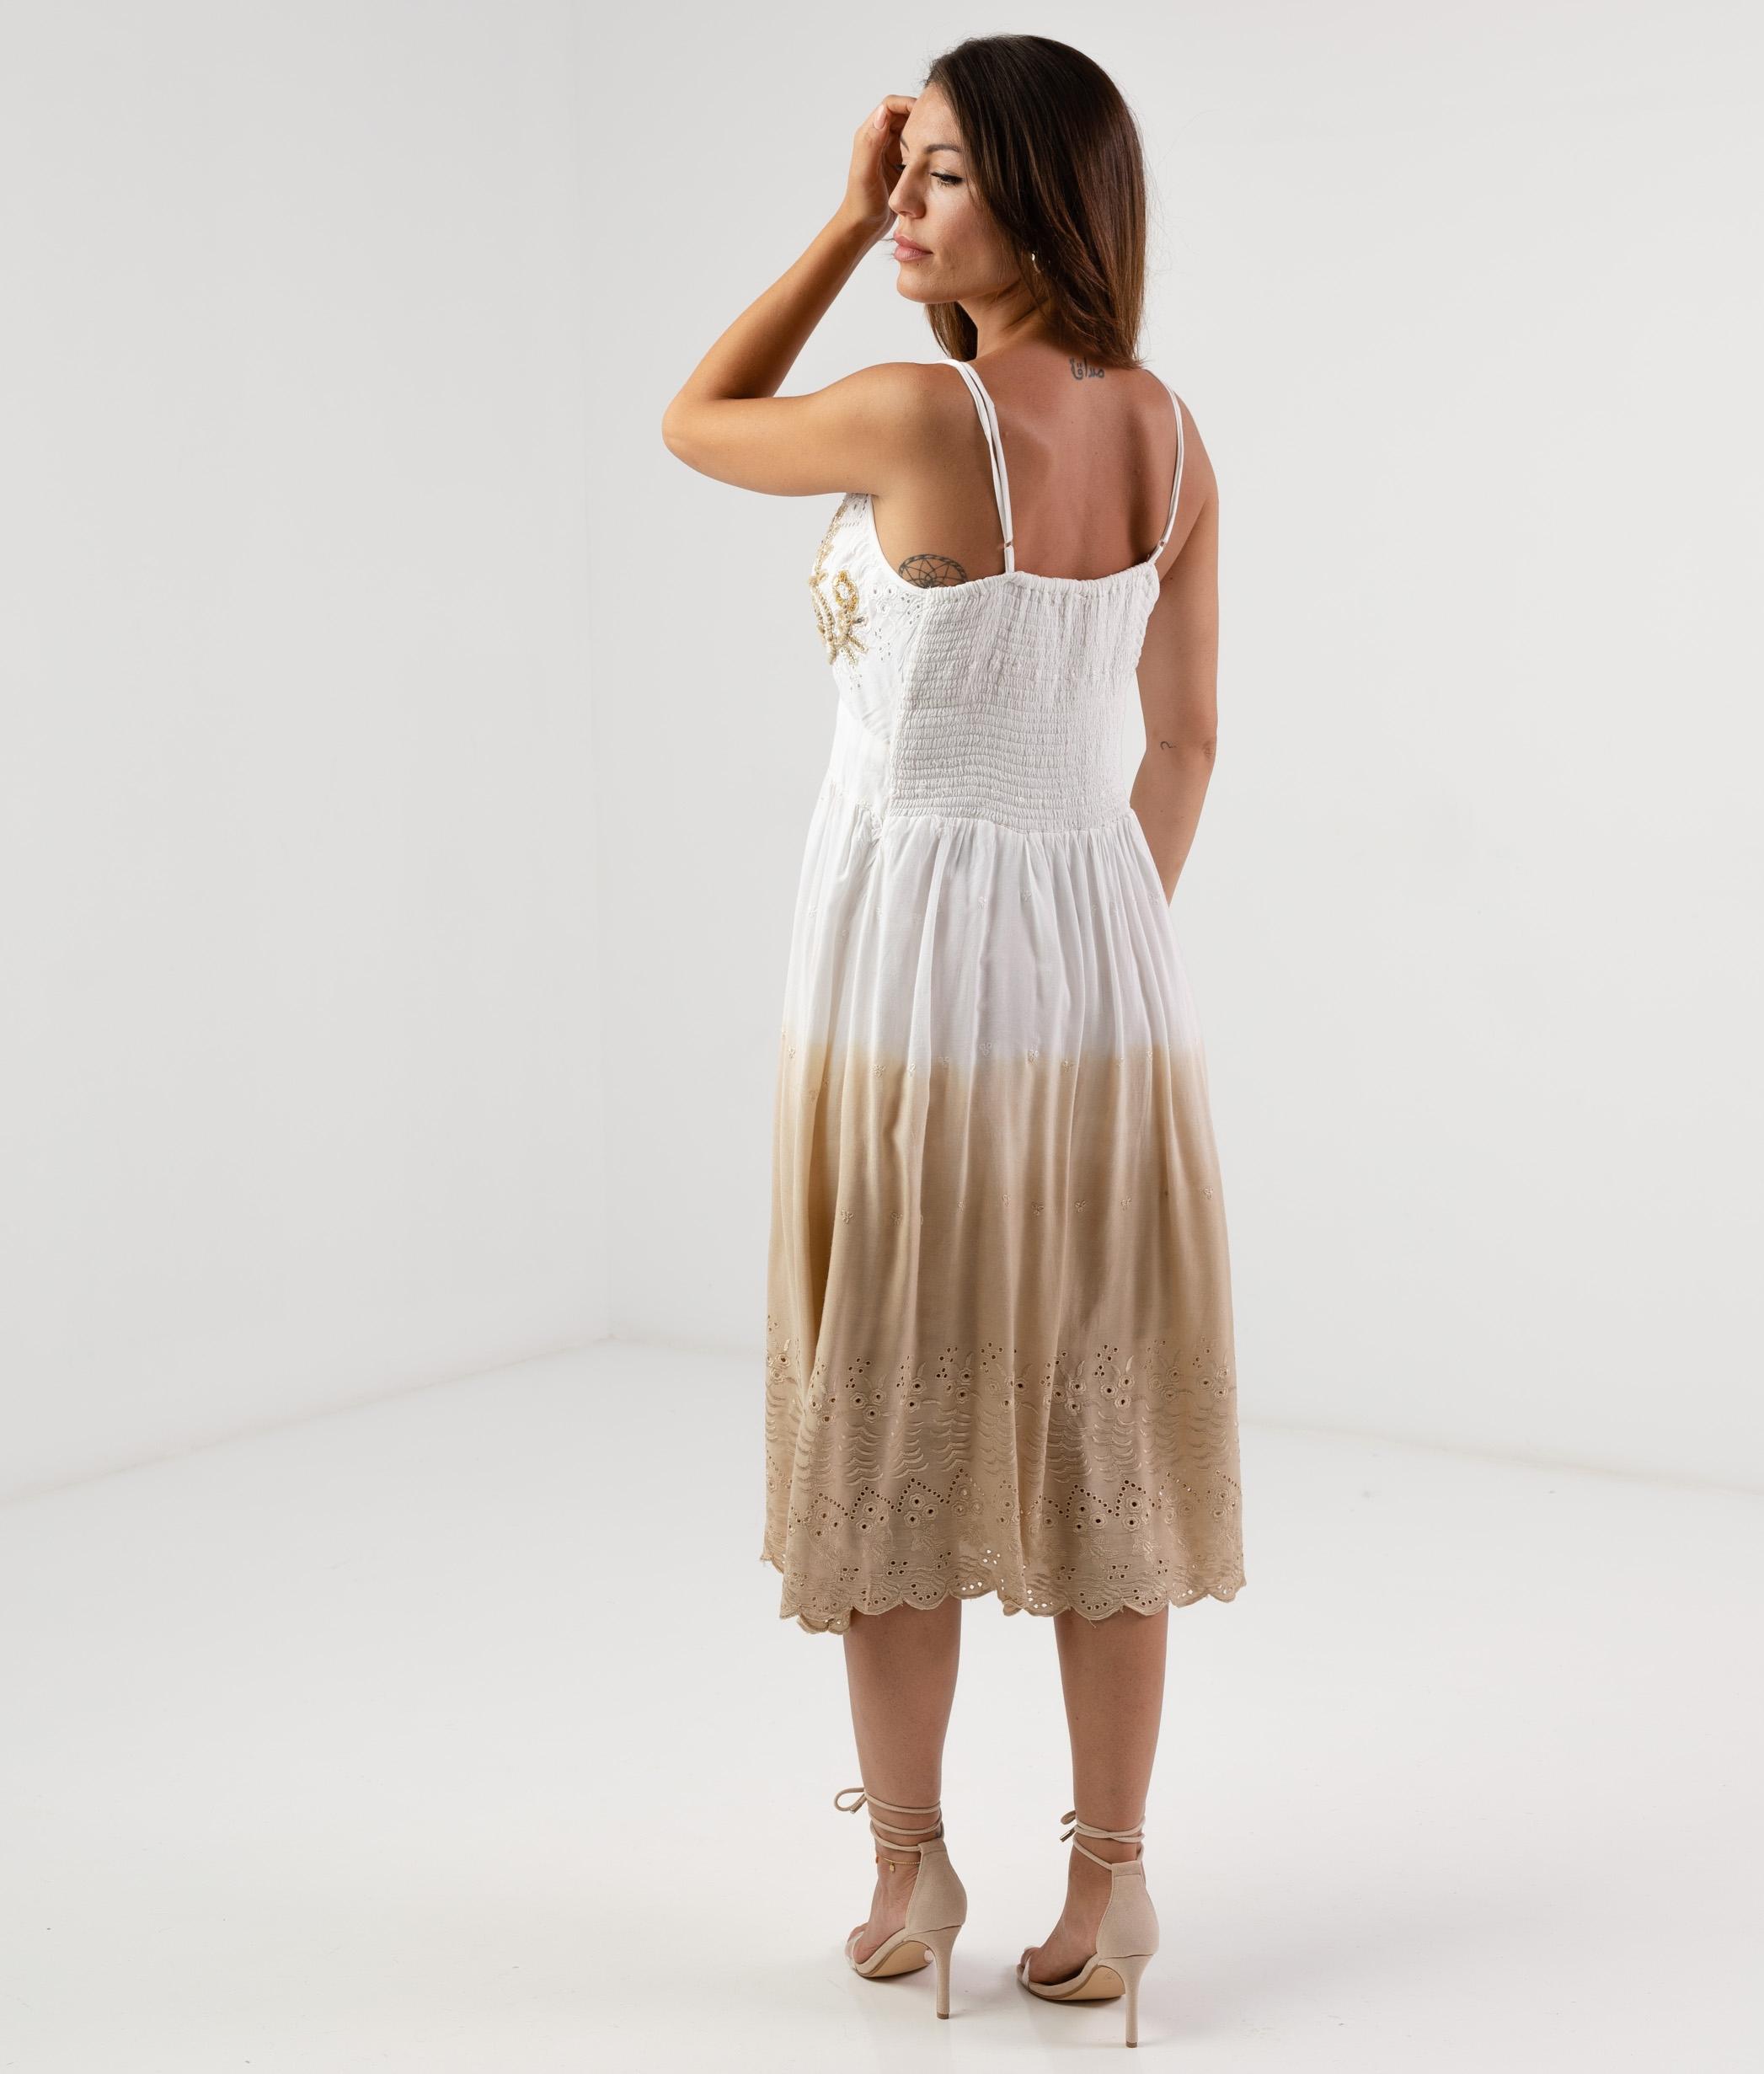 TERBRE DRESS - CAMEL